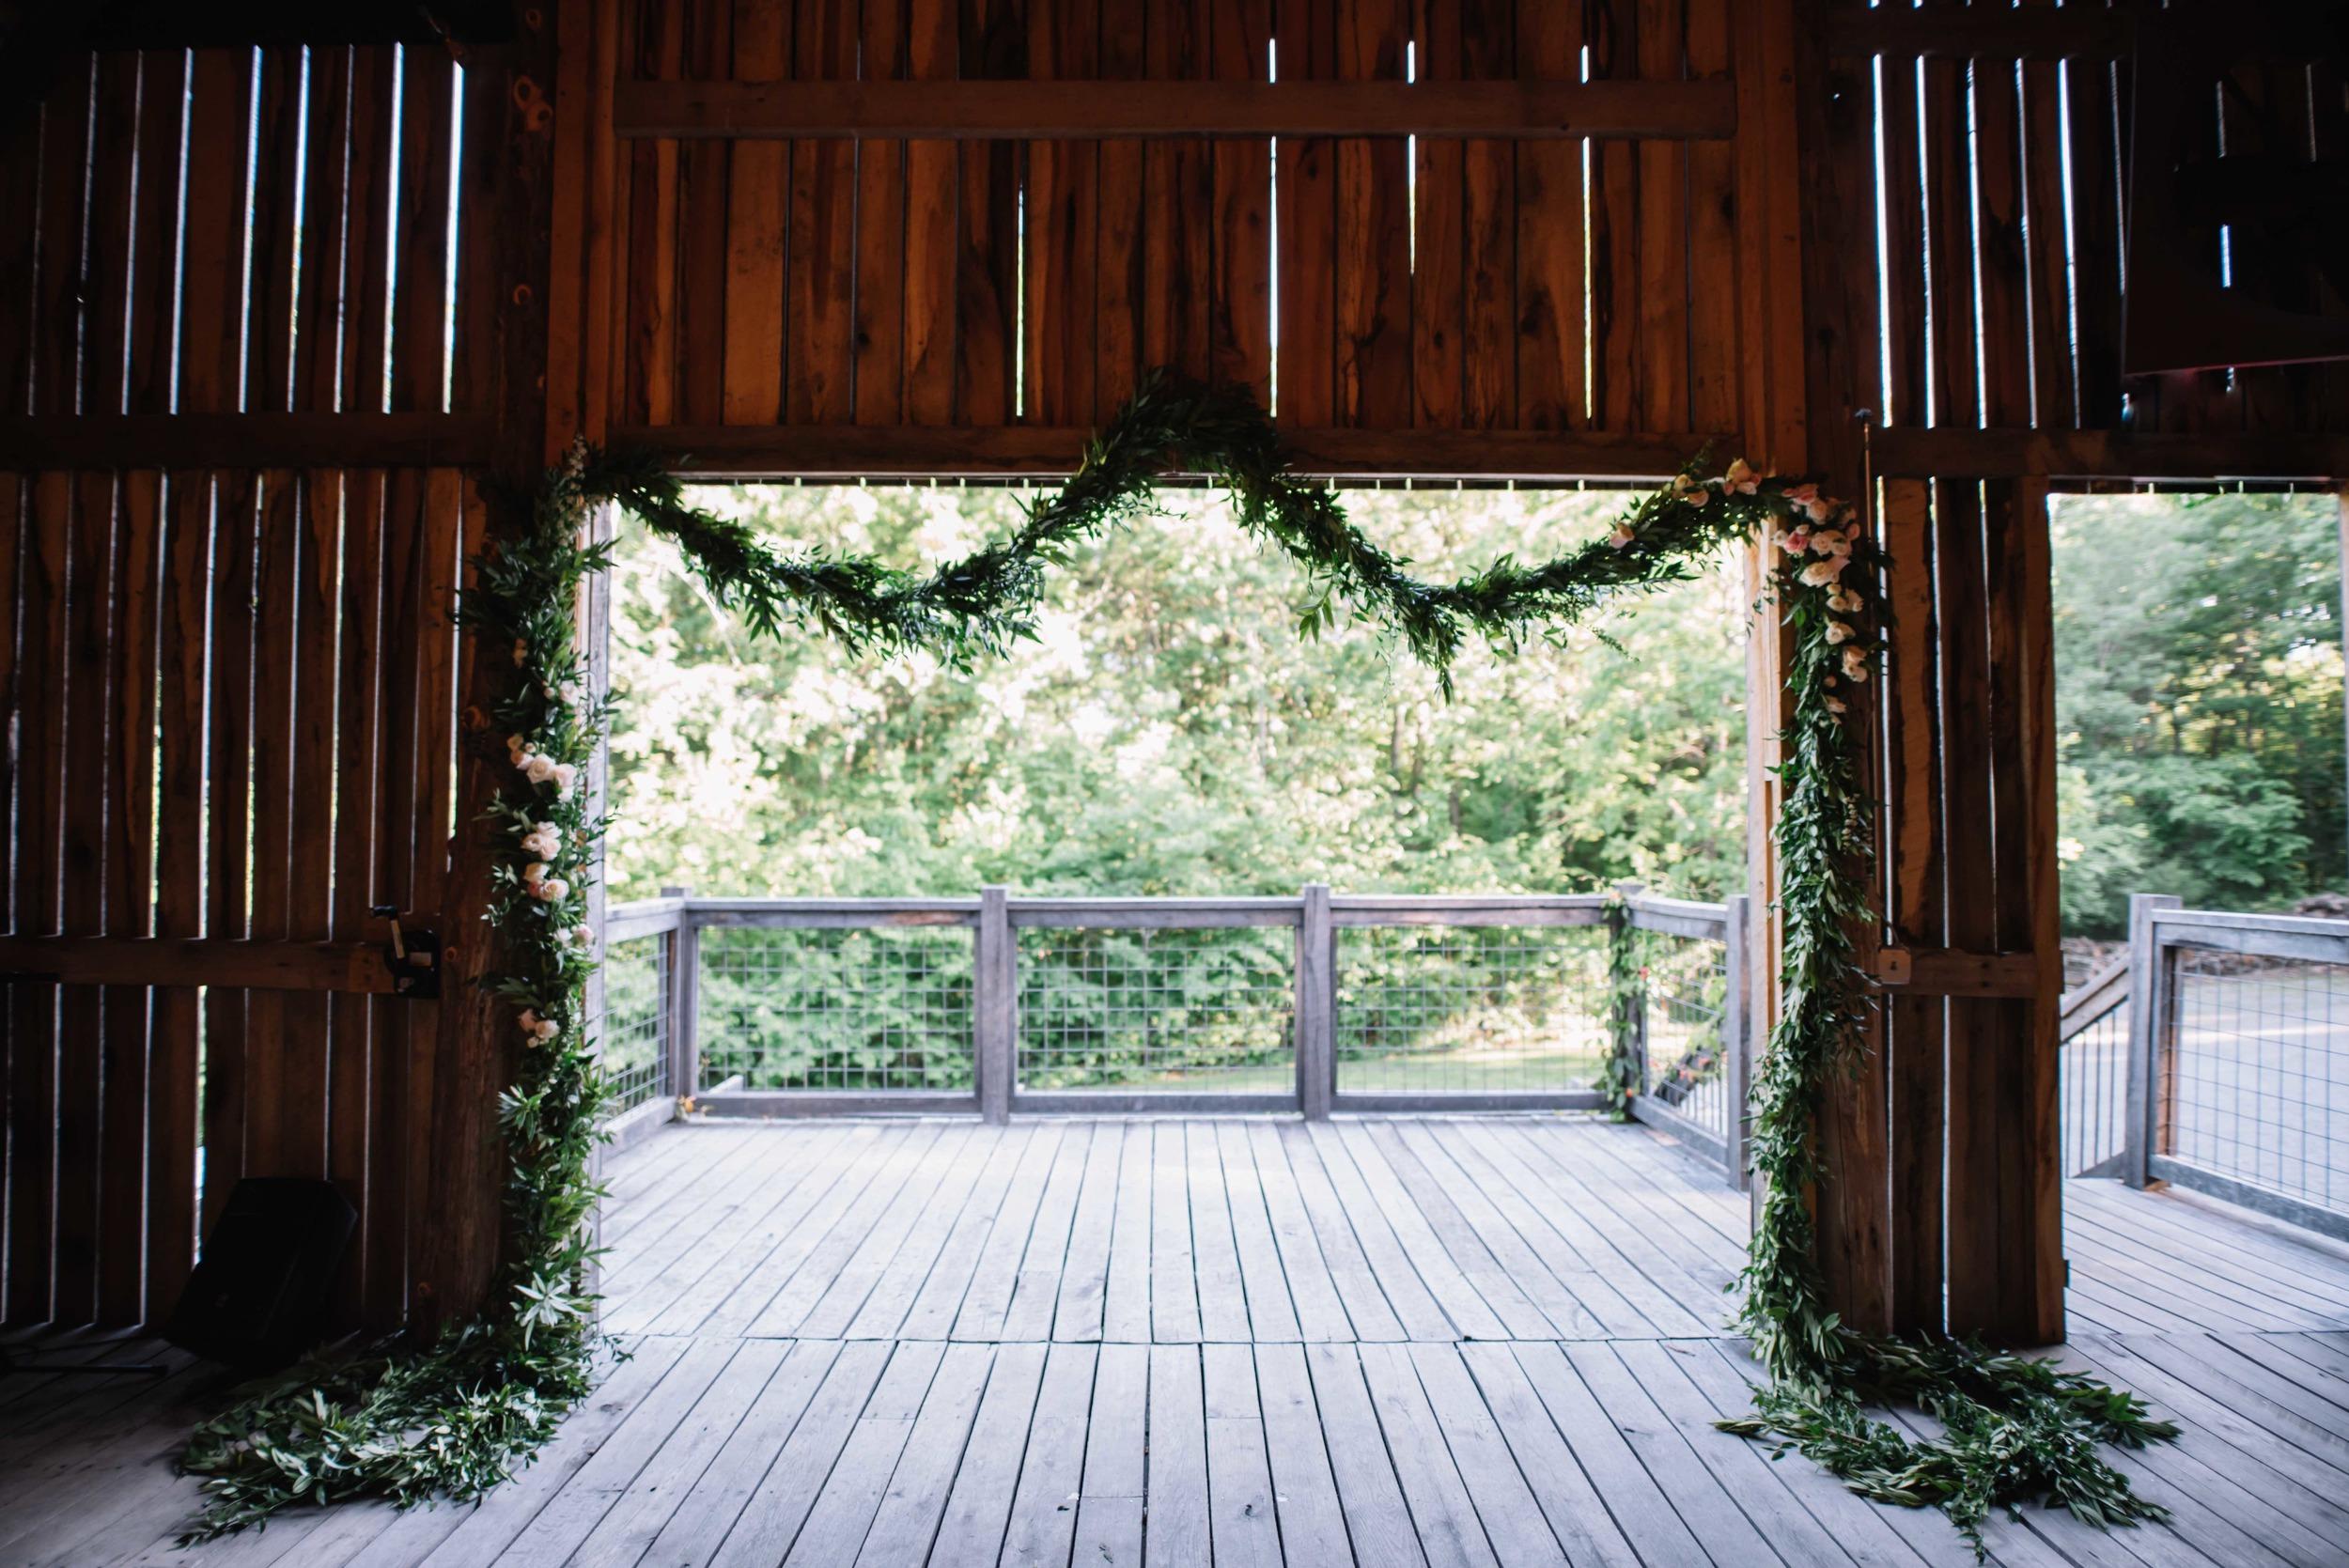 Rustic Barn Wedding Backdrop // Nashville Floral Design